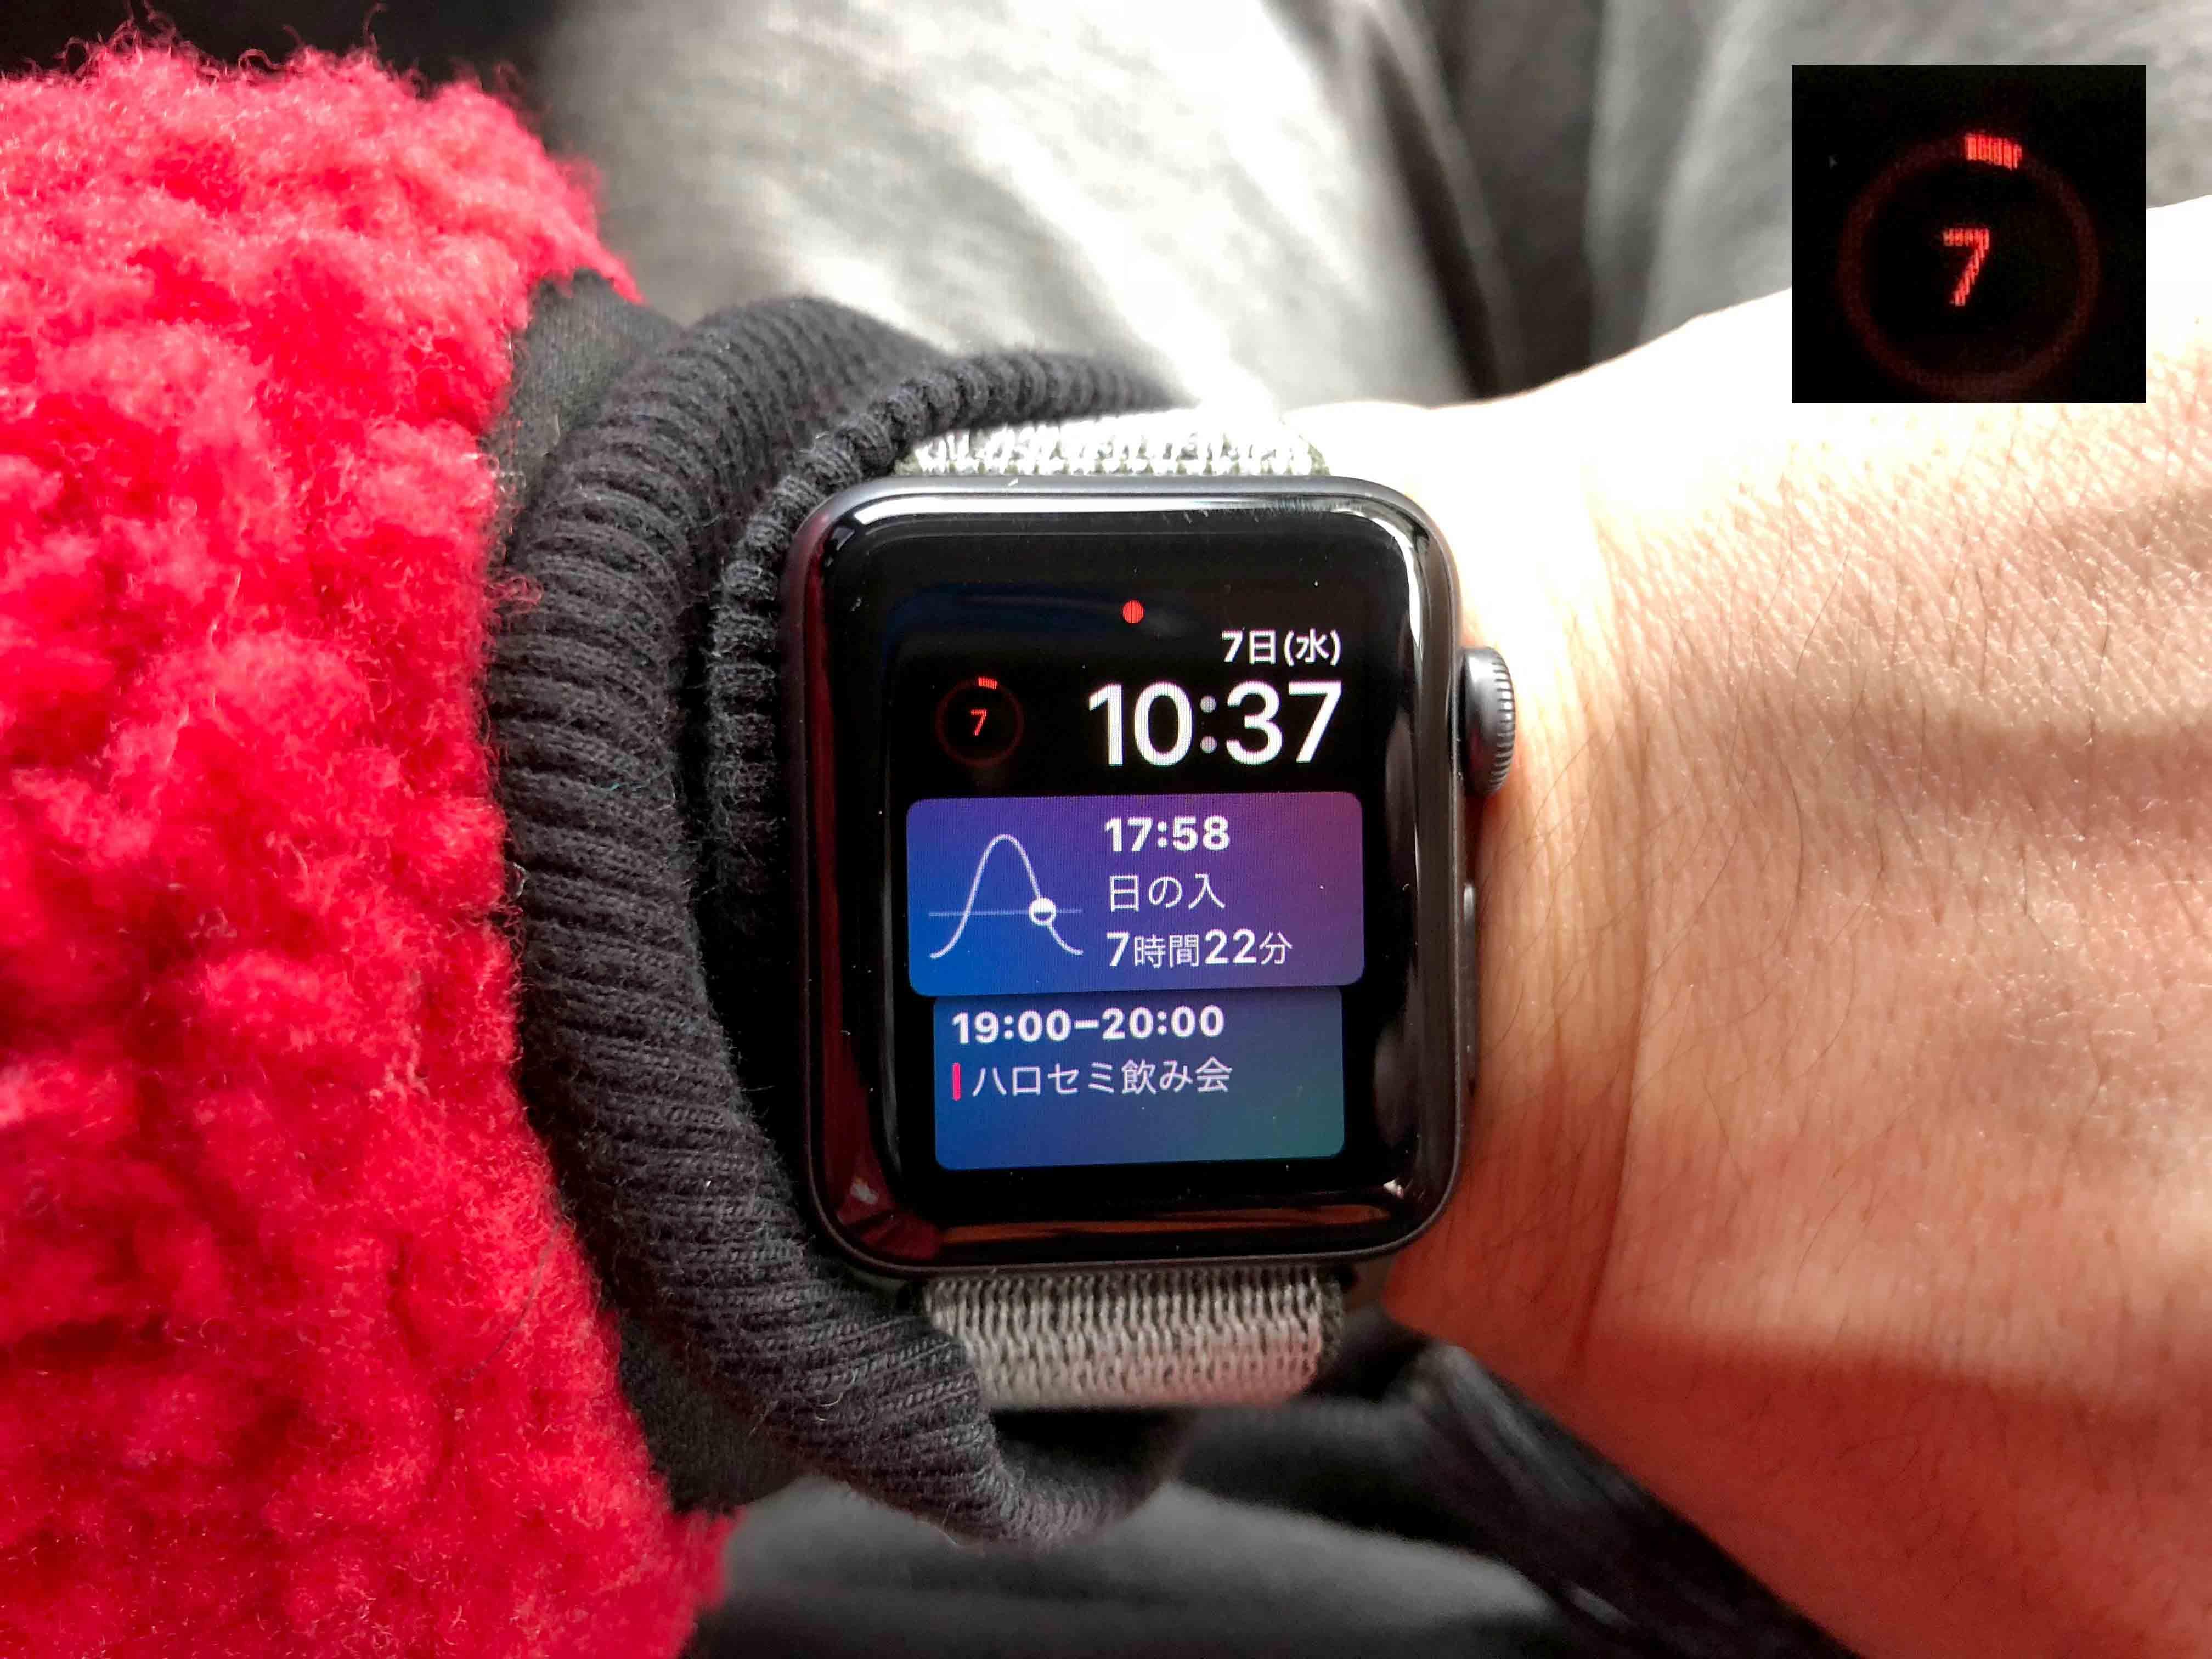 AppleWatchバッテリー7%に関する写真.